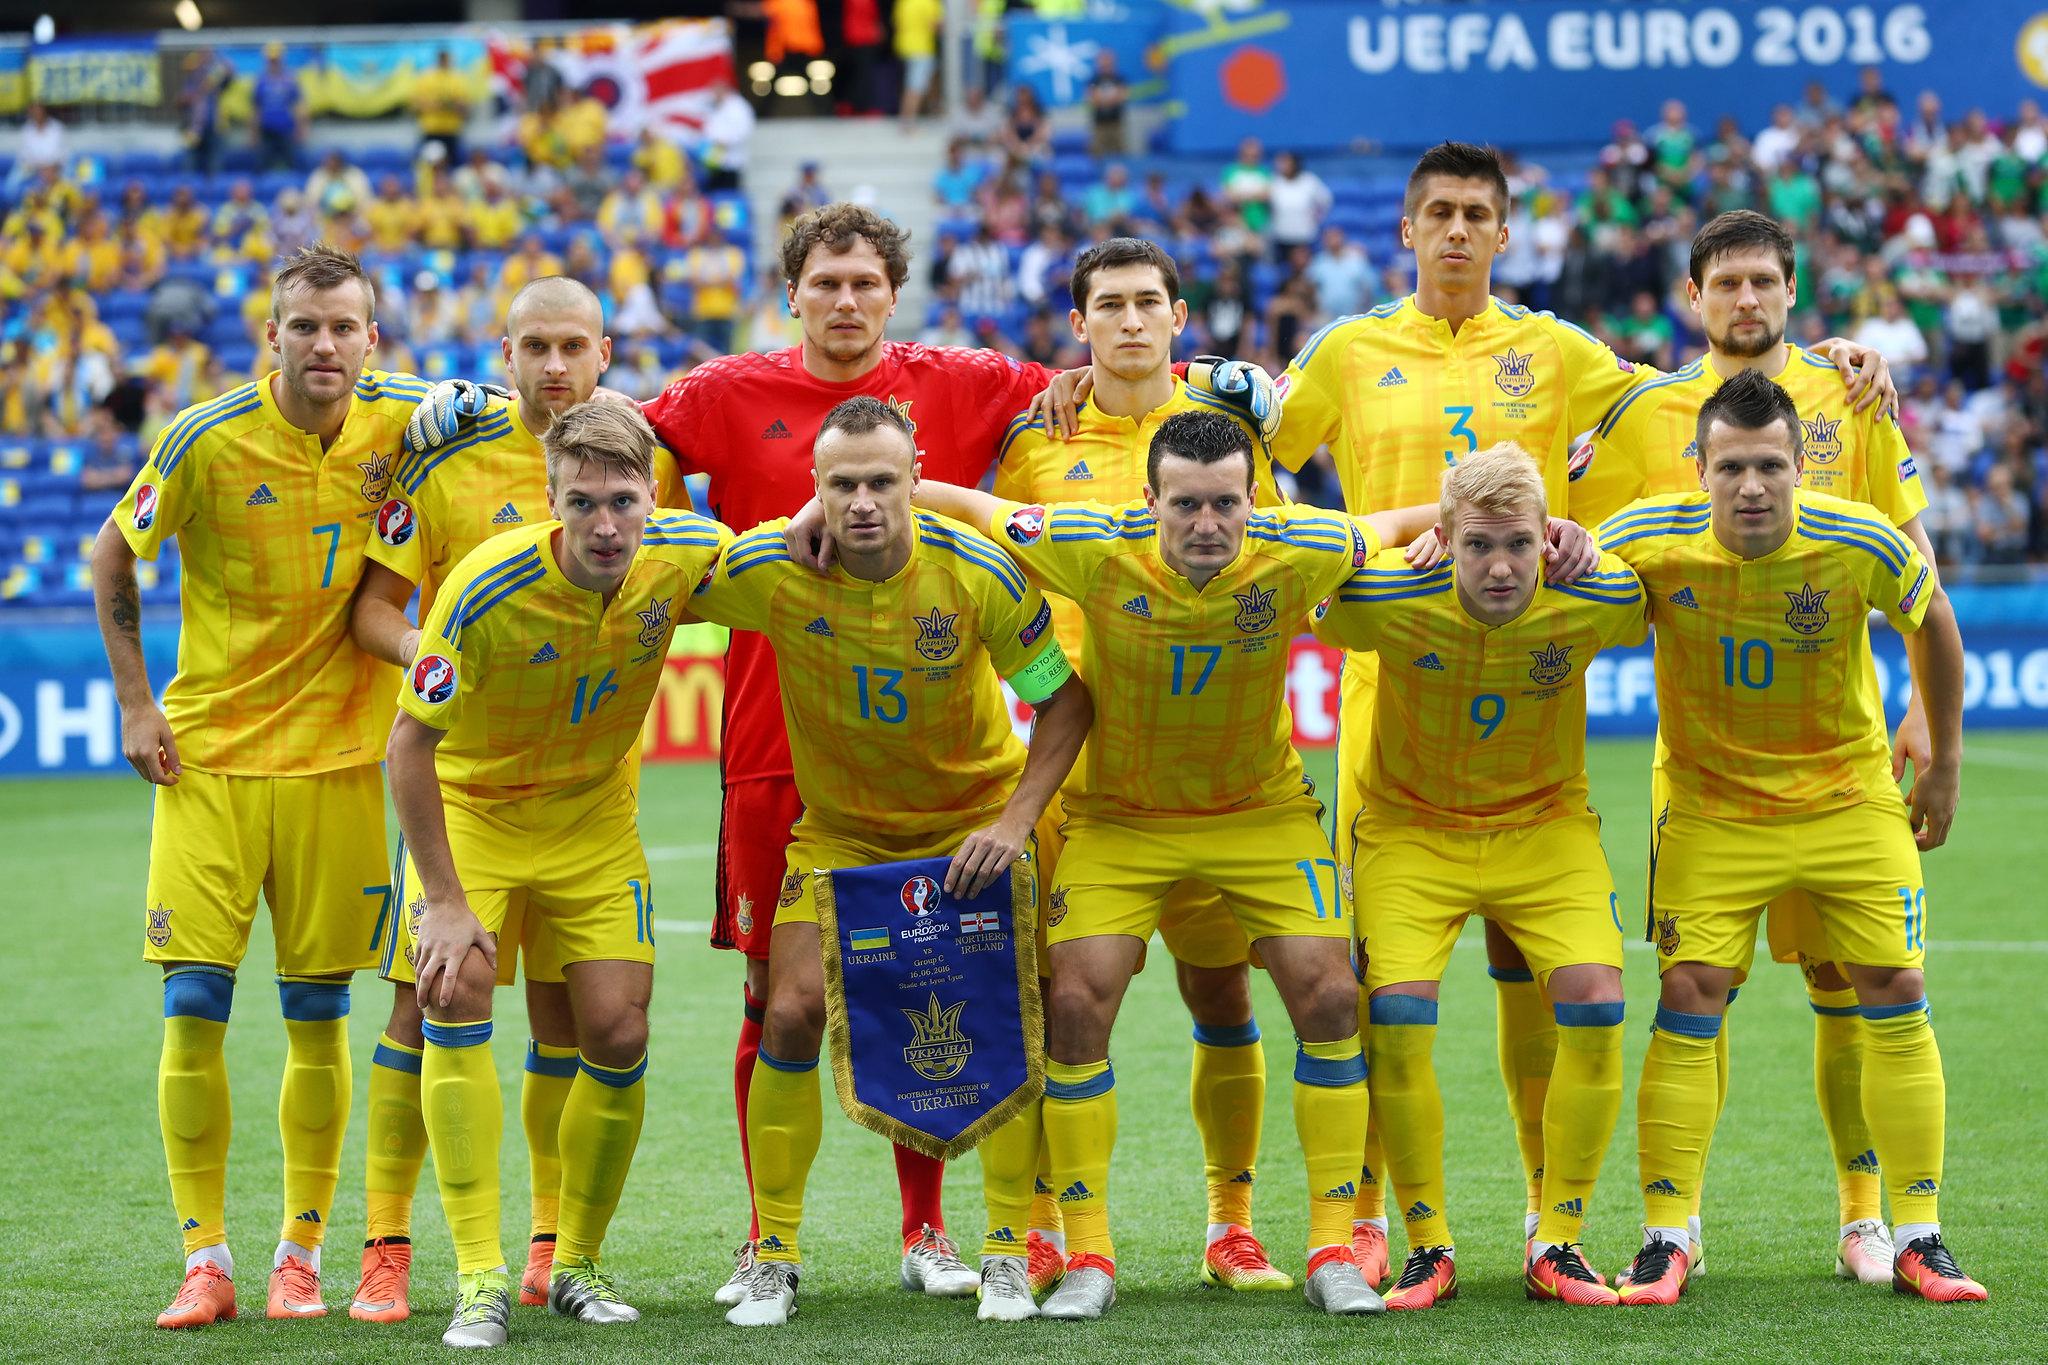 Определился состав сборной украины на матч против турции